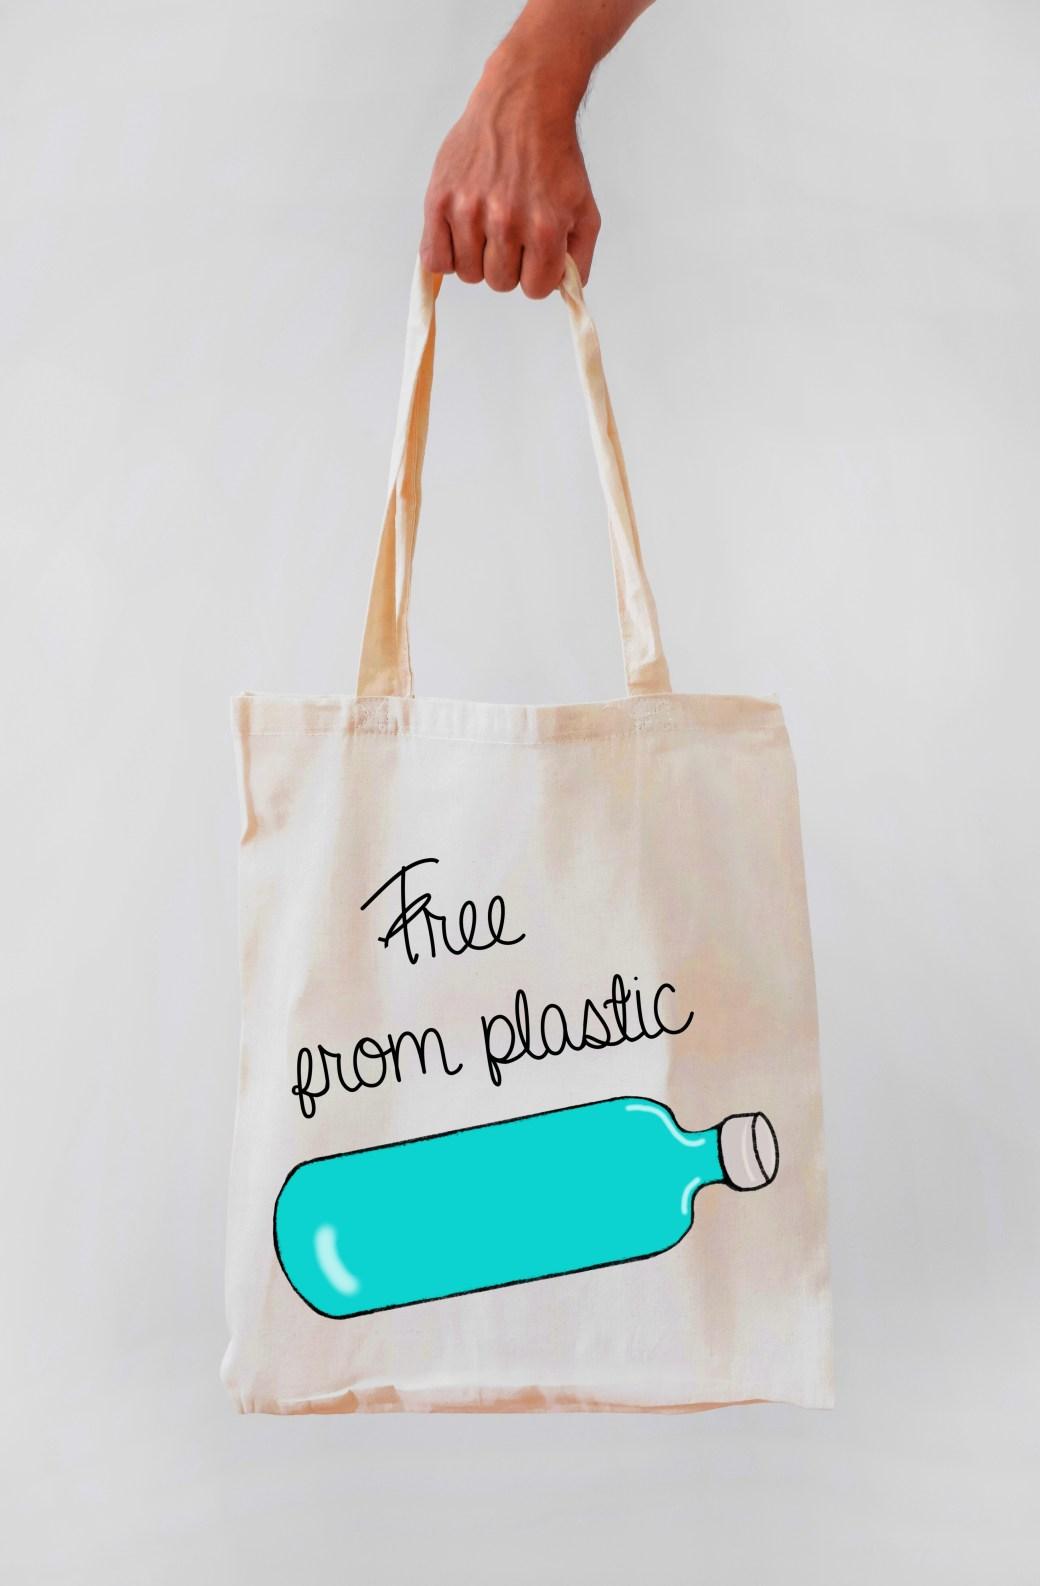 bolsa de tela ecologica free form plastic negro, crudo. eco cotton bag . para la compra ecologica.